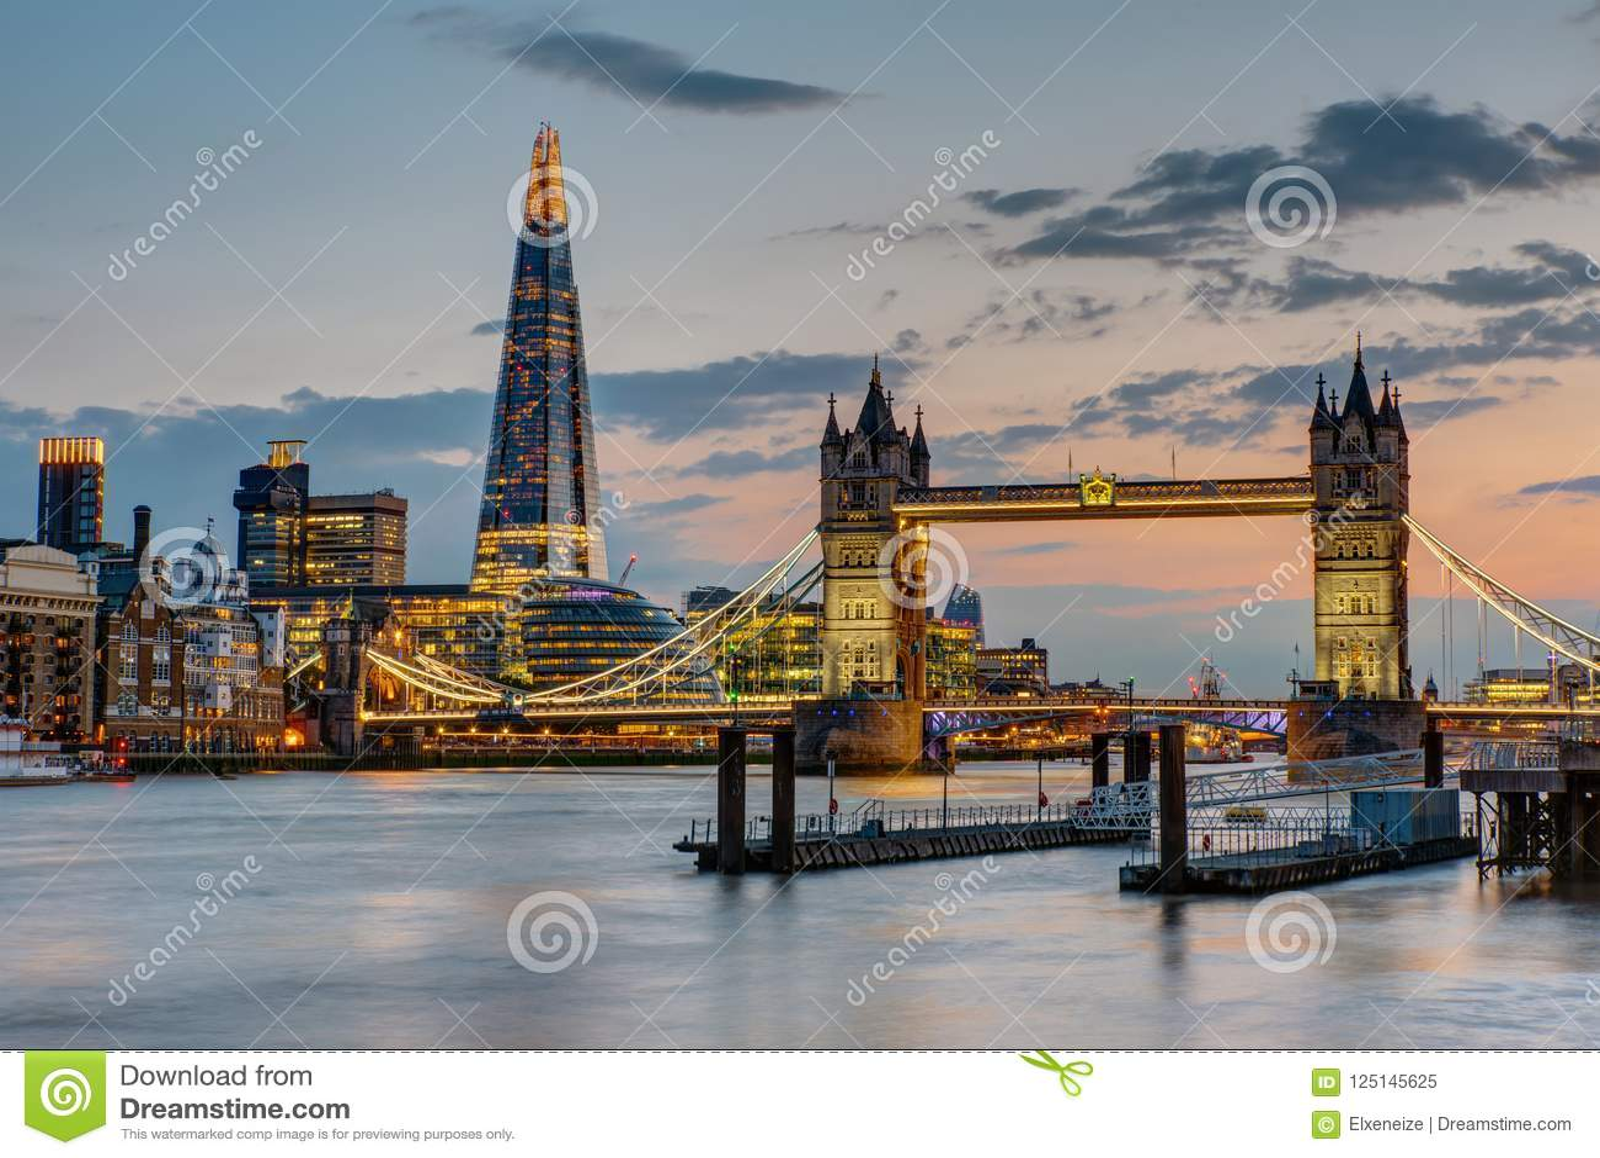 Die Turm-Brücke in London nach Sonnenuntergang